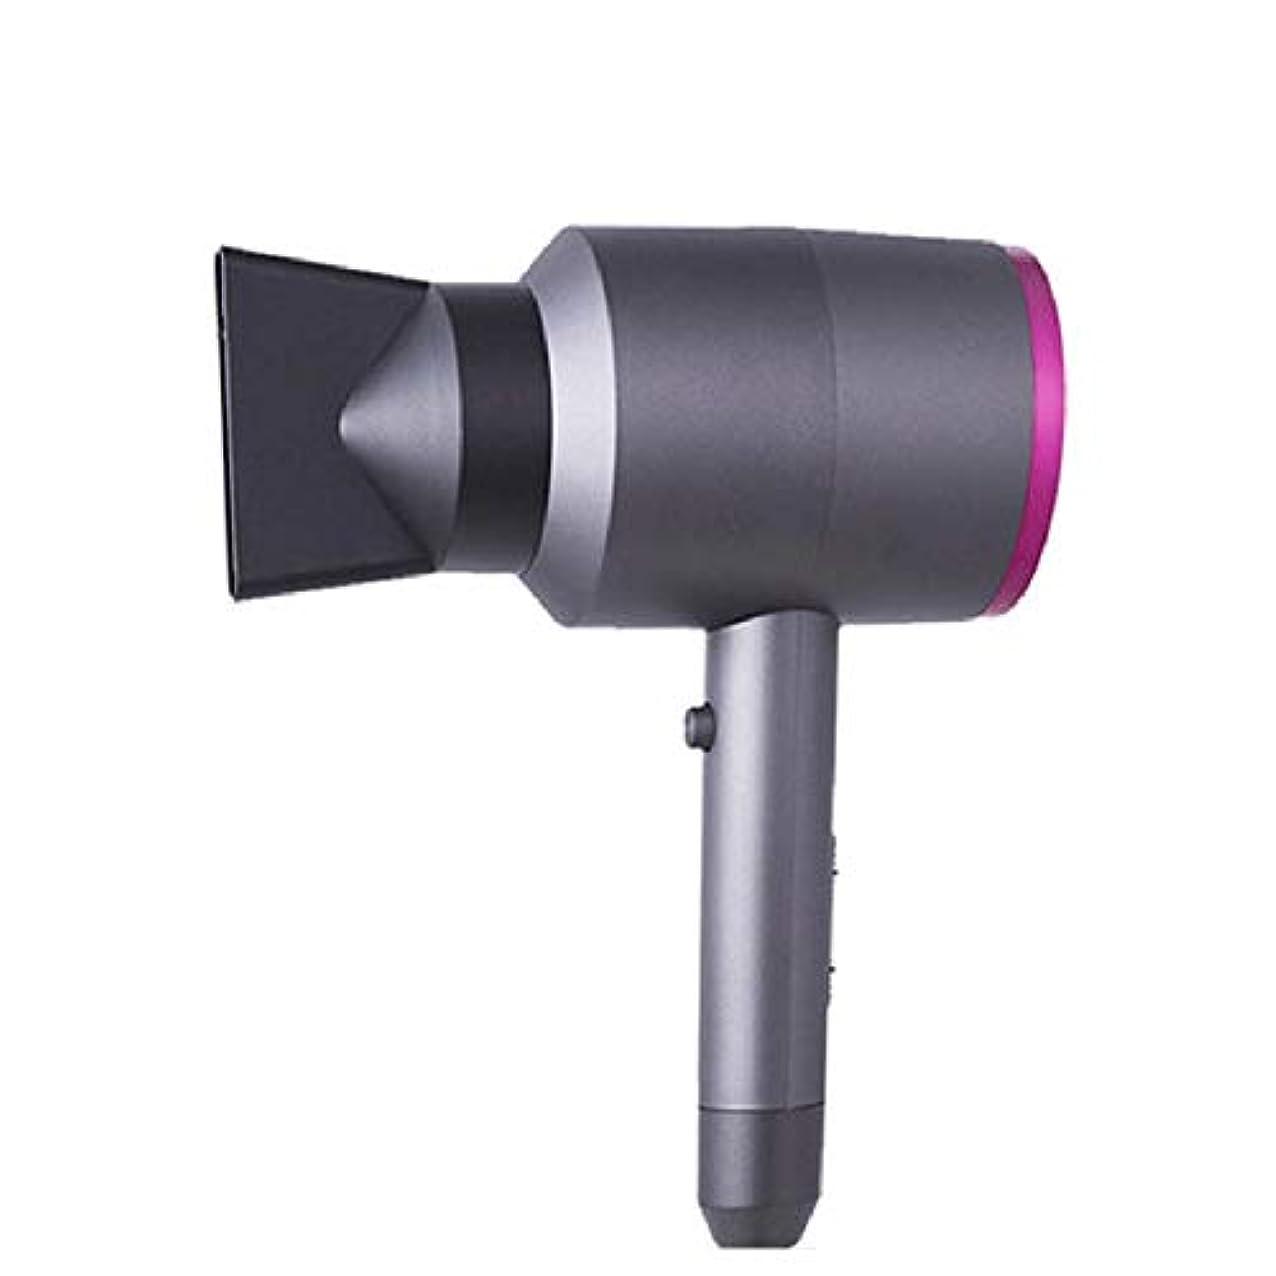 流行においビスケットディフューザーイオン調整付き1600wプロフェッショナルヘアドライヤー-一定温度は髪を傷つけません、強力で速いヘアドライヤーブロードライヤーモーター加熱冷熱風恒温ヘアケア